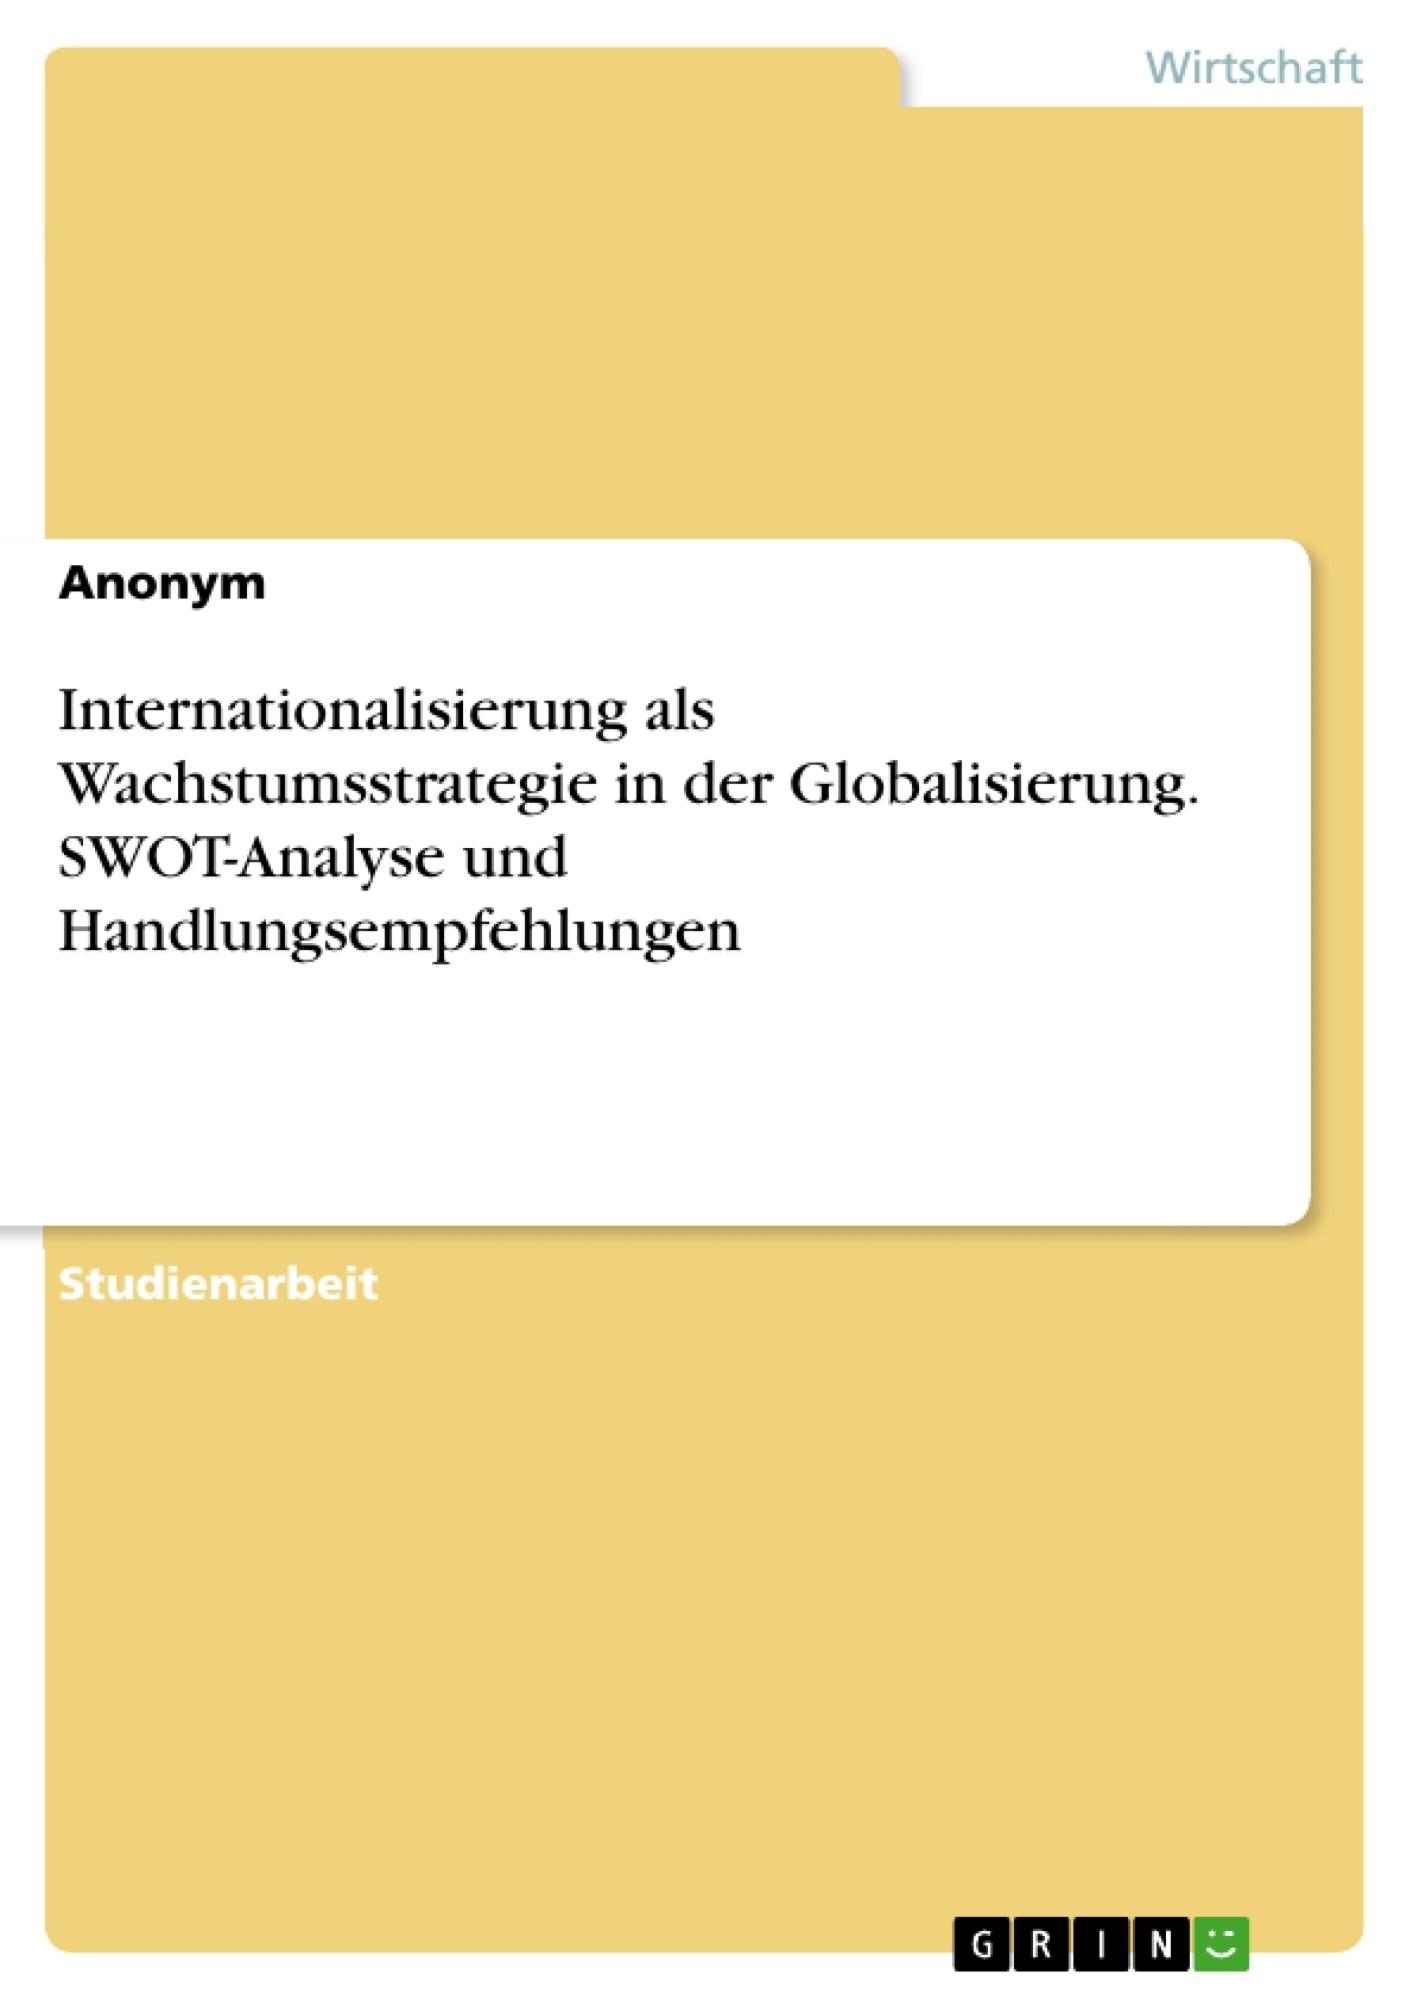 Titel: Internationalisierung als Wachstumsstrategie in der Globalisierung. SWOT-Analyse und Handlungsempfehlungen